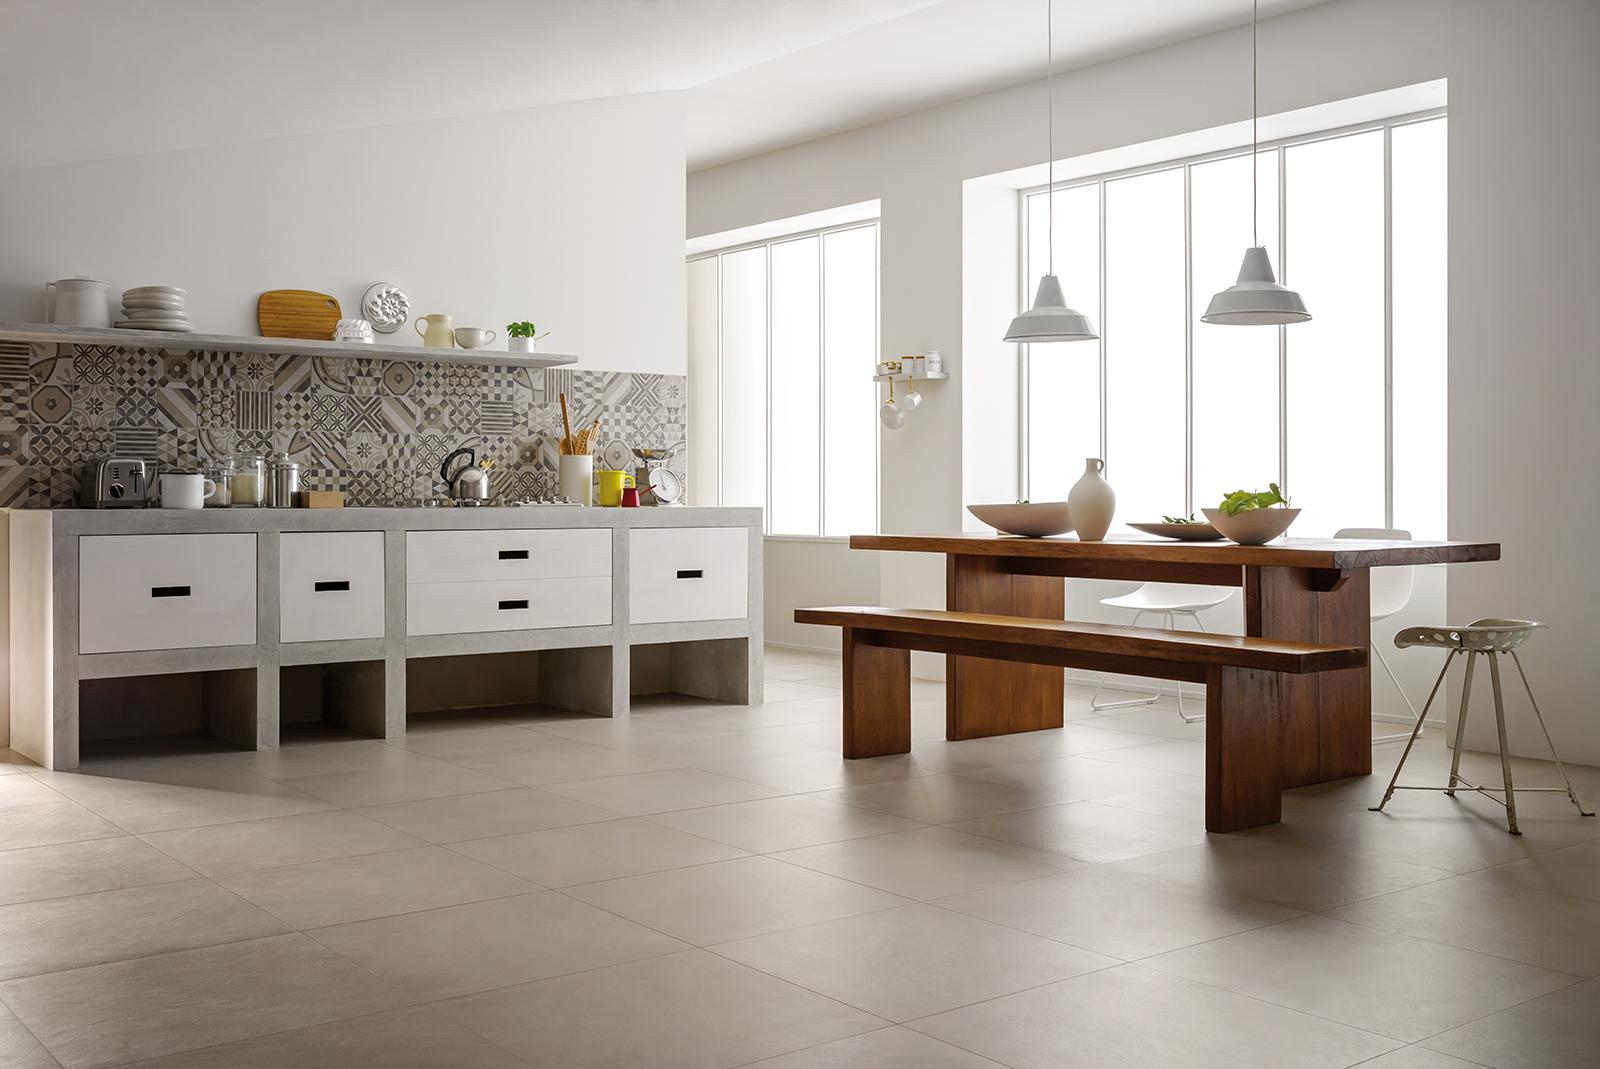 Carrelage Design carrelage sur parquet : Carrelage cuisine: des idu00e9es en cu00e9ramique et gru00e8s : Marazzi